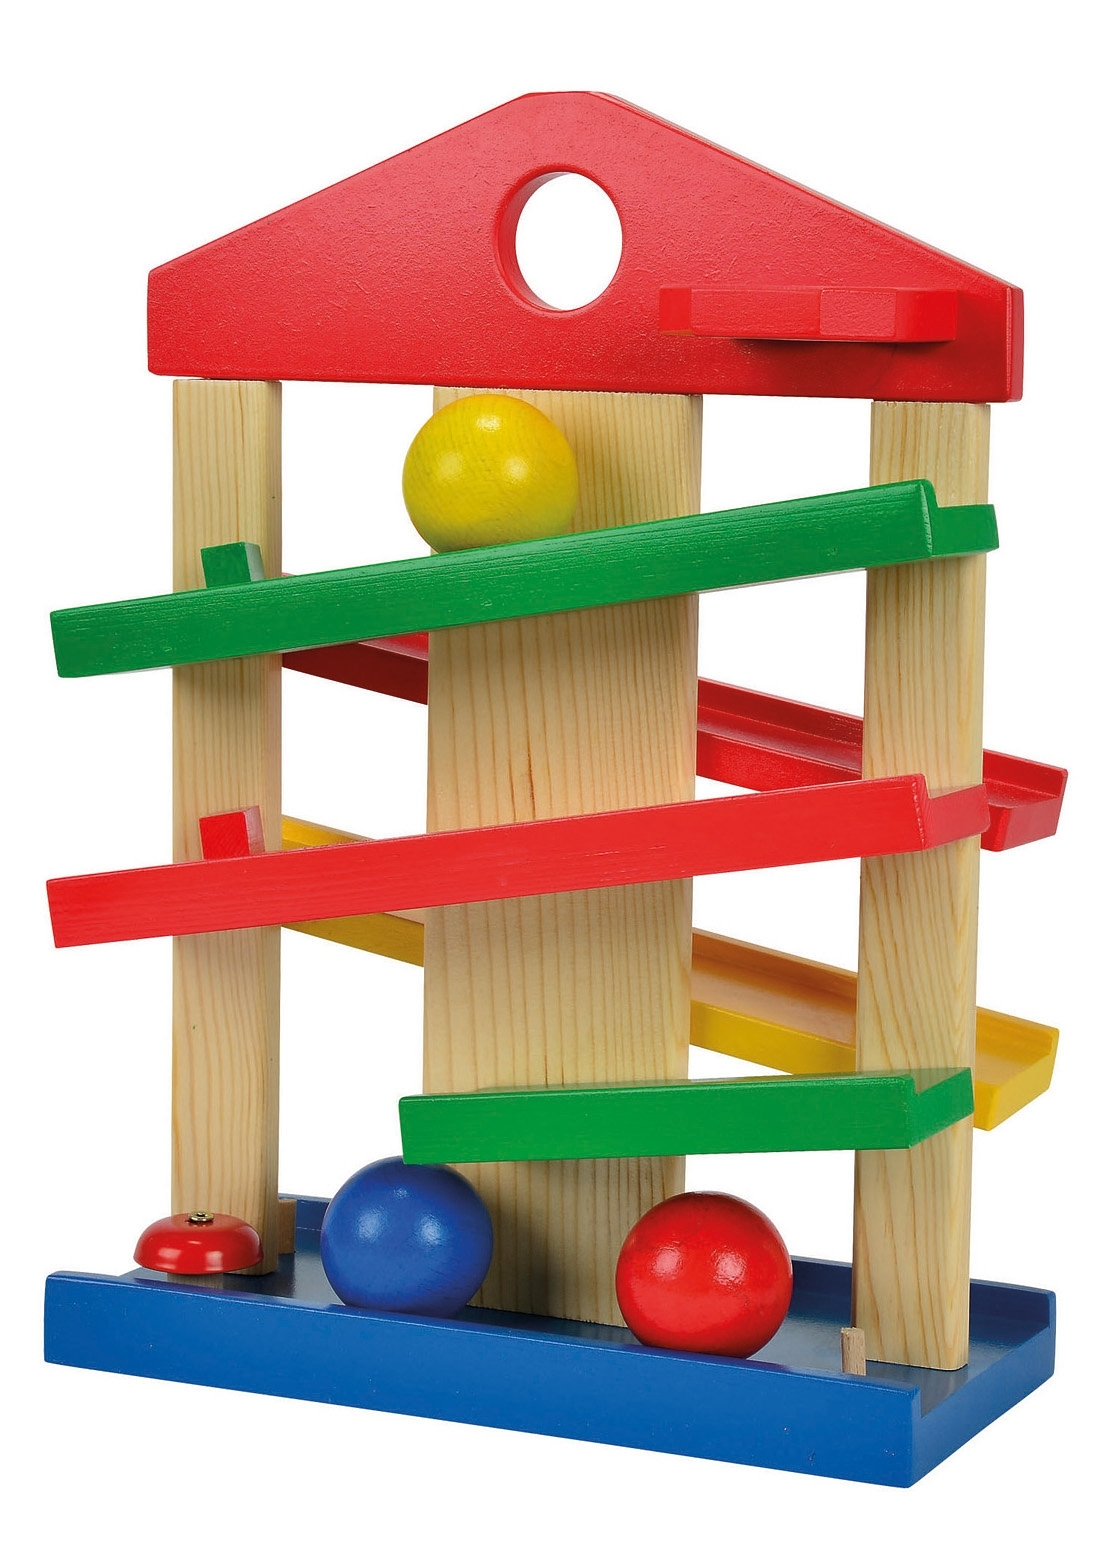 houten speelgoed online kopen bekijk ons assortiment otto. Black Bedroom Furniture Sets. Home Design Ideas